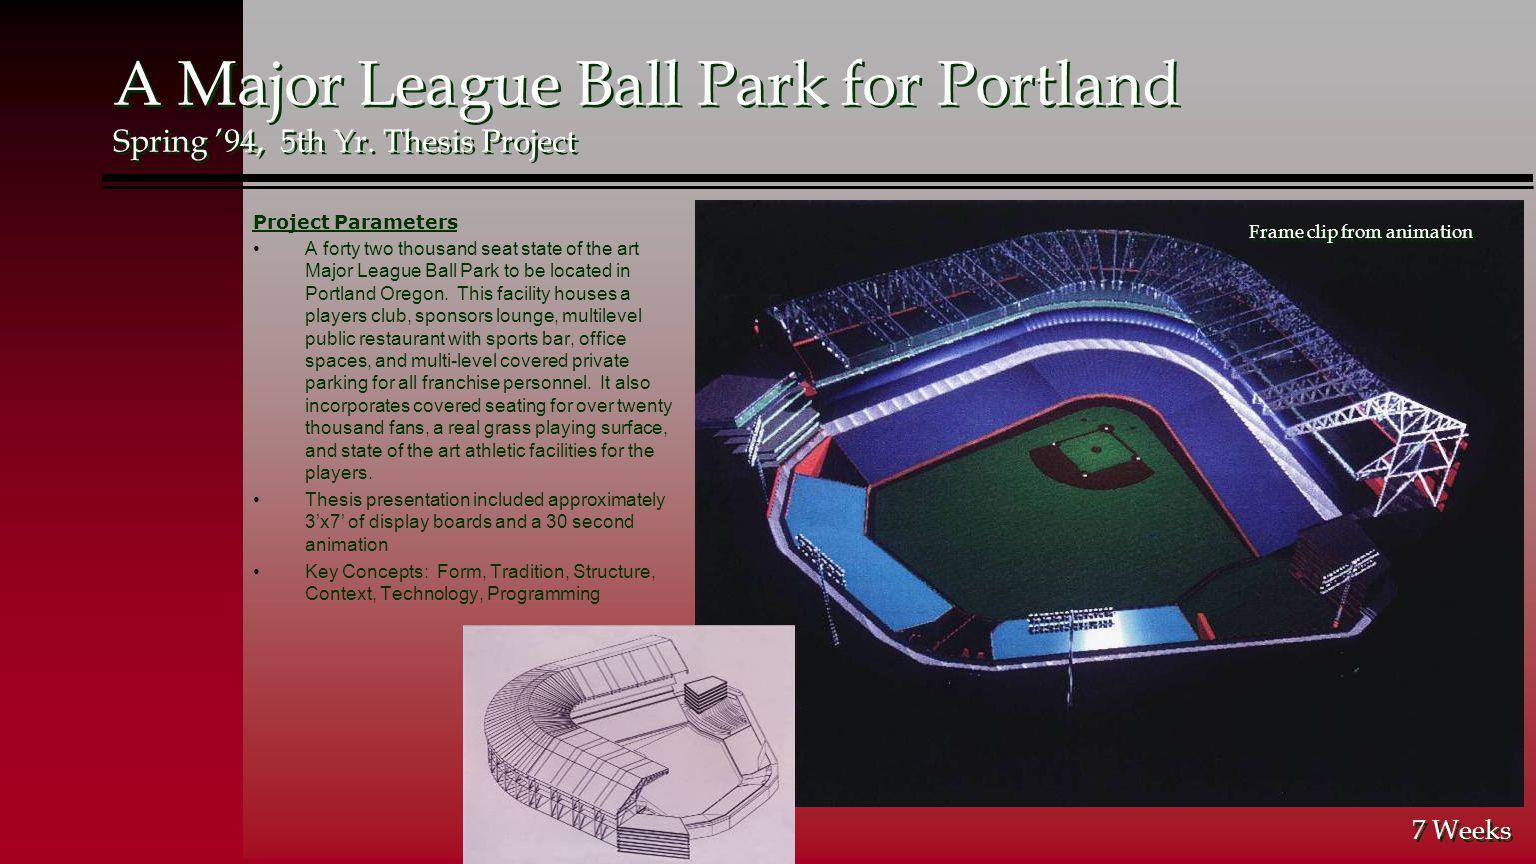 A Major League Ball Park for Portland Spring '94, 5th Yr.